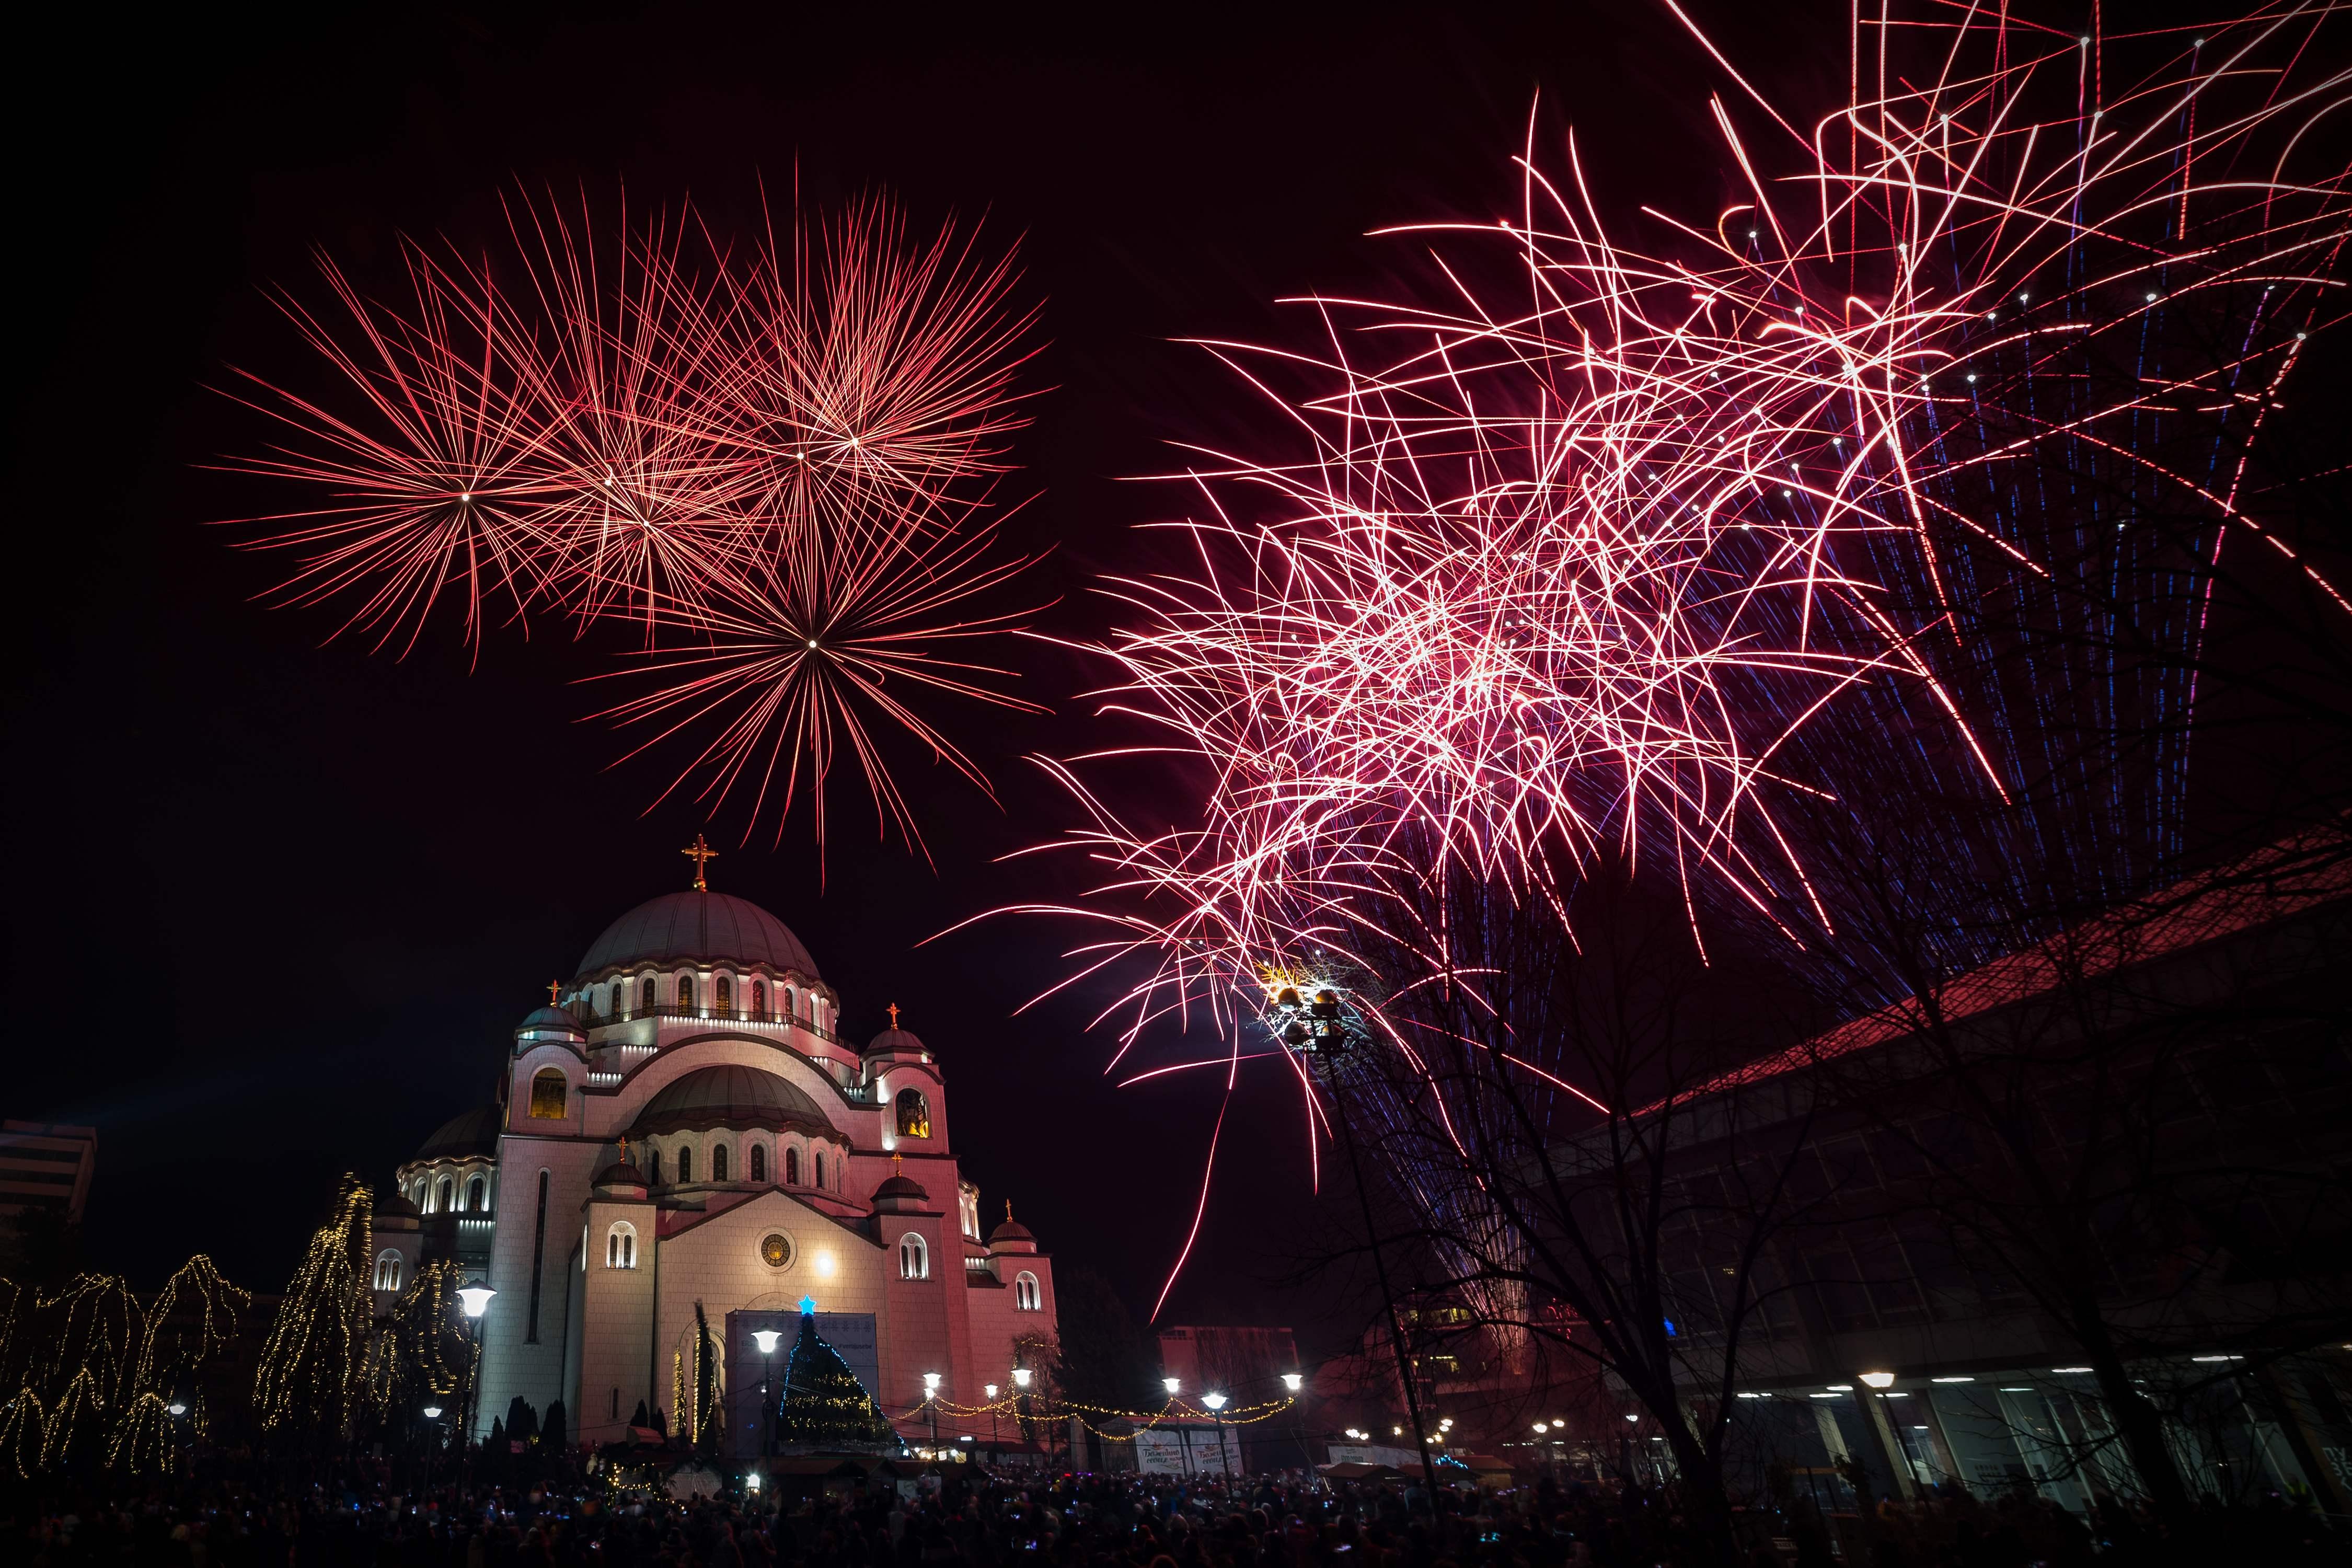 احتفالات بمناسبة السنة الأرثوذكسية الجديدة